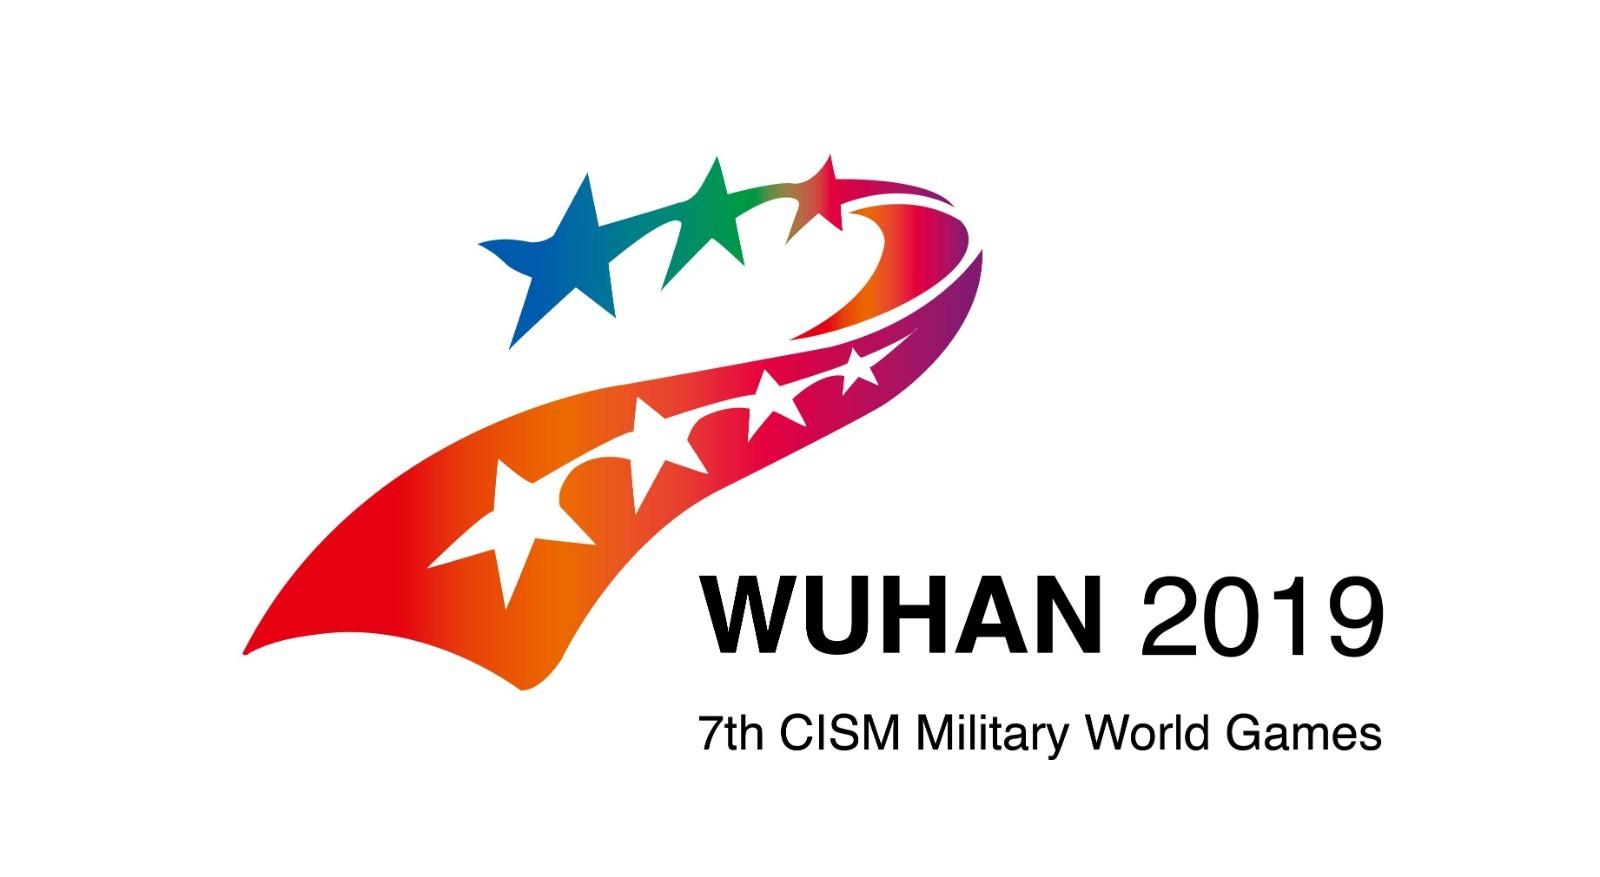 军运会武汉落幕,中国133枚金牌239枚奖牌登顶